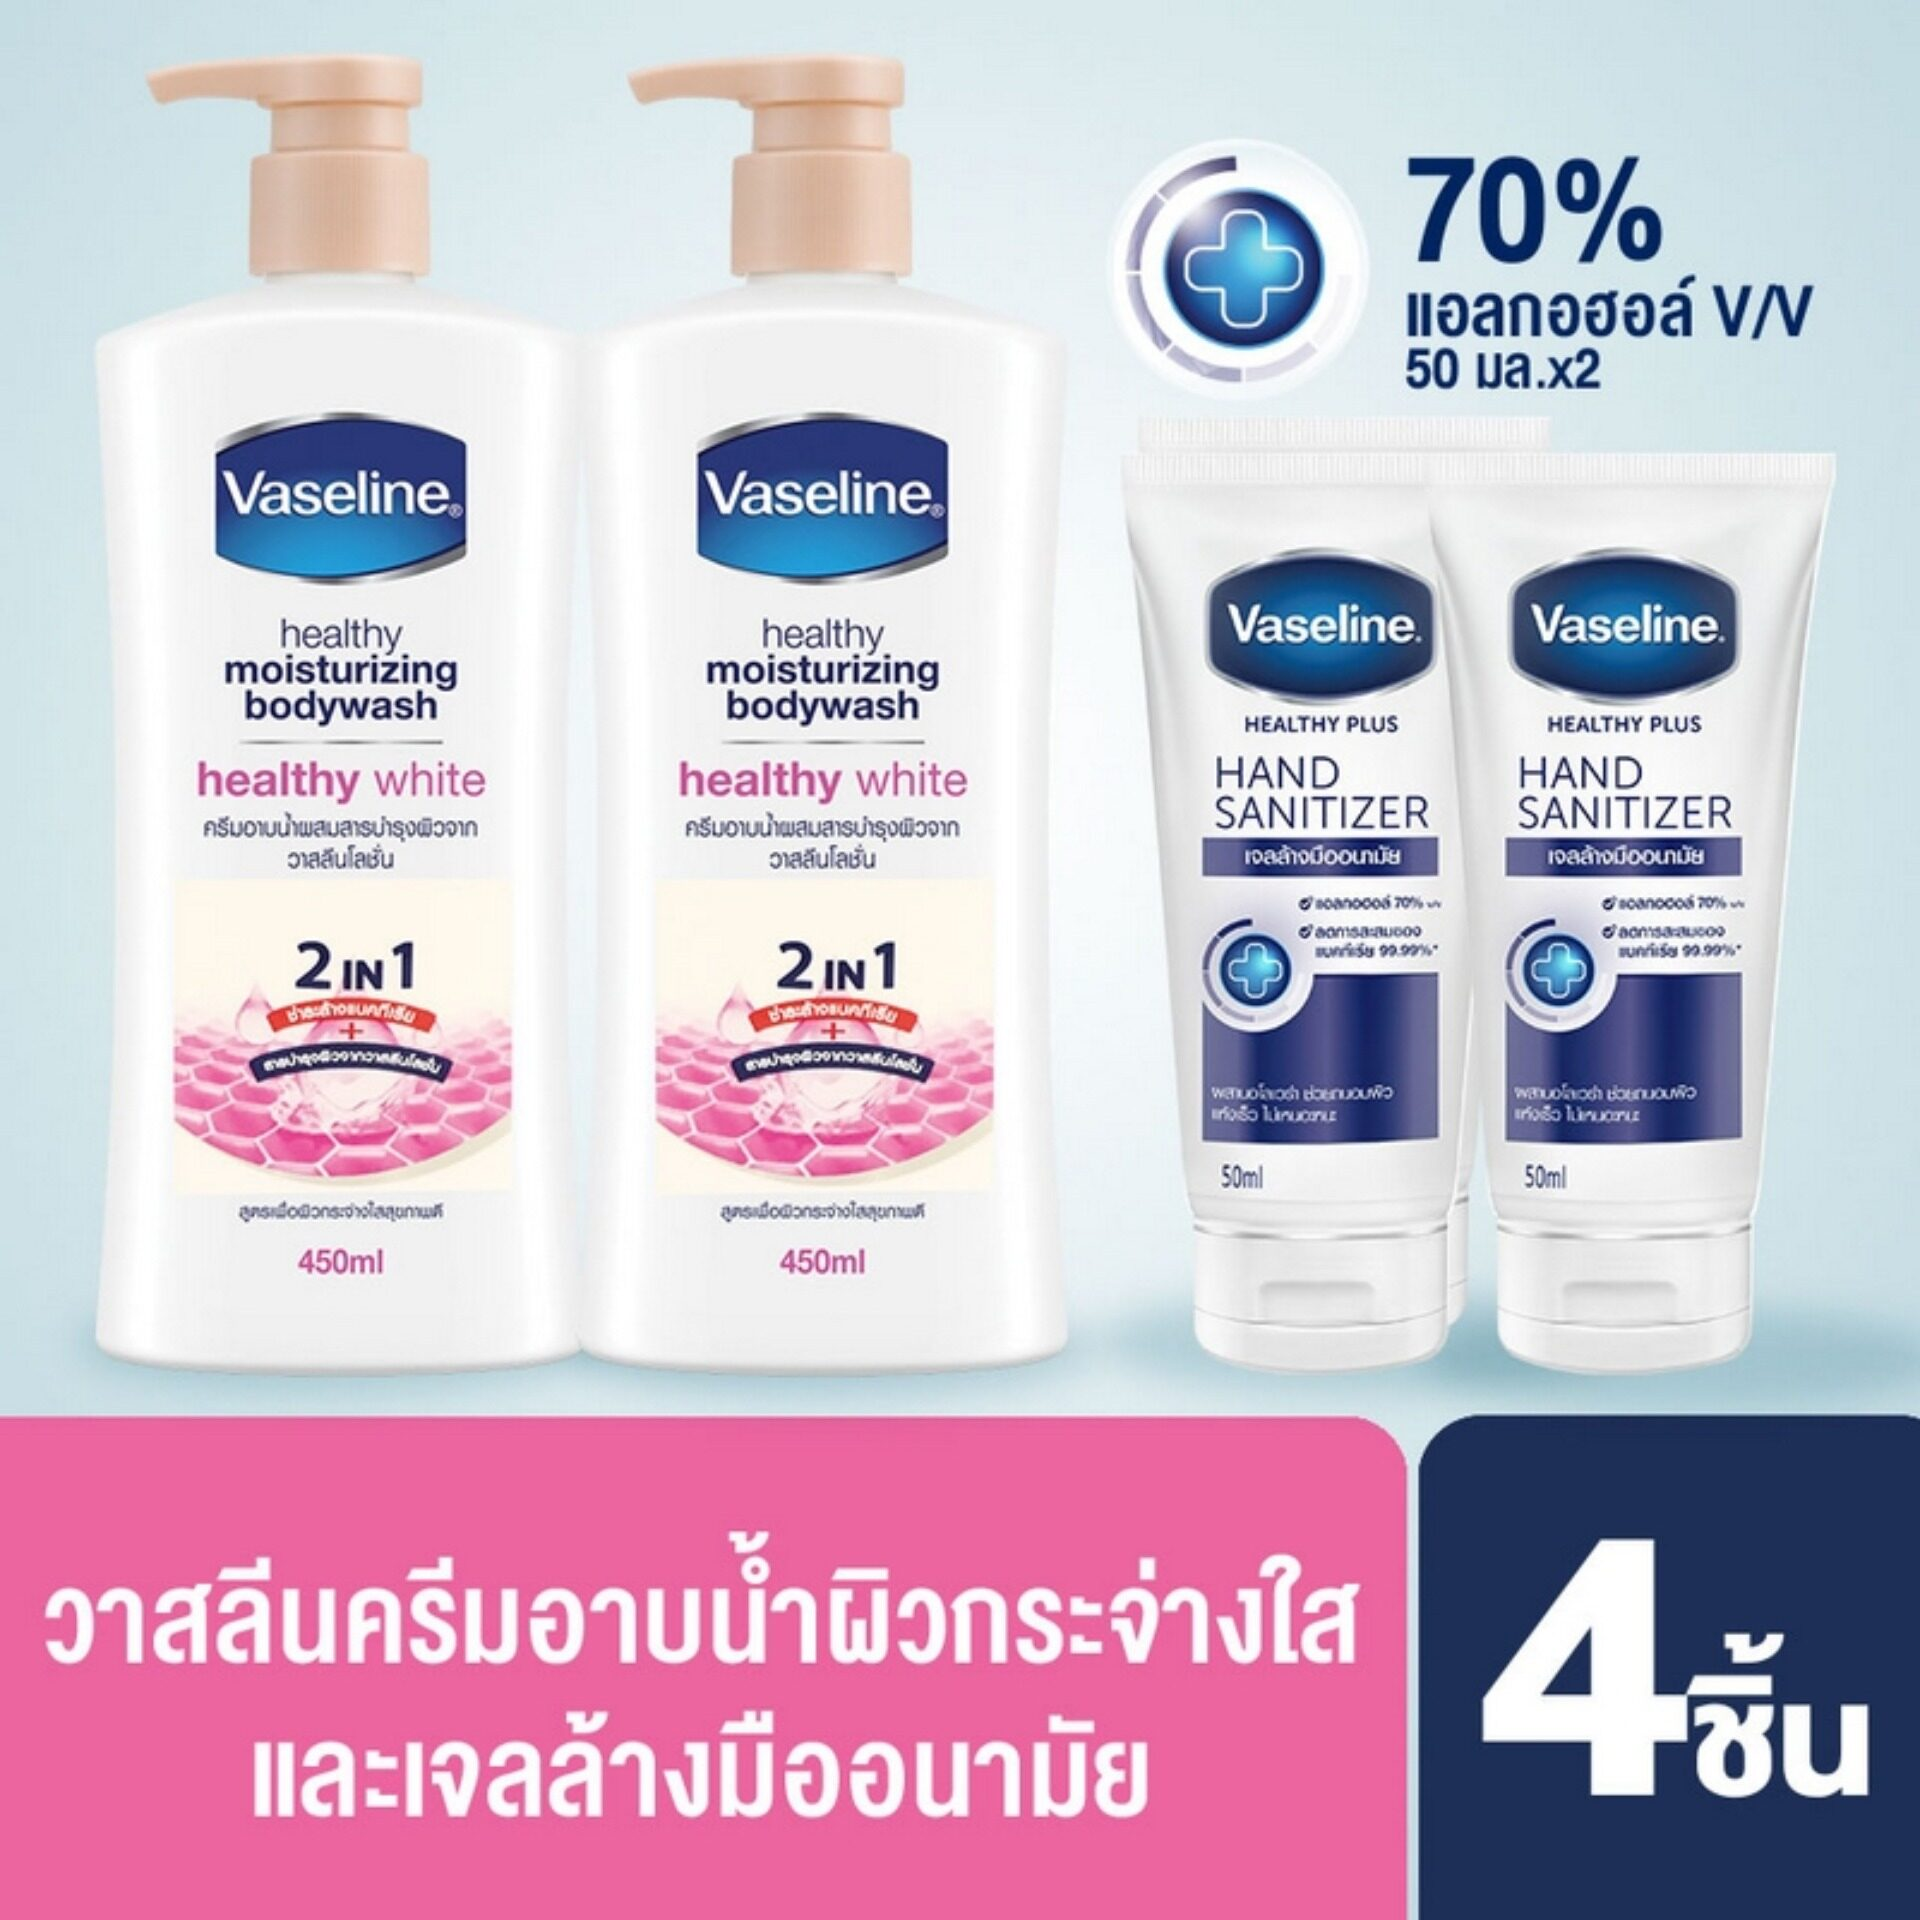 วาสลีน เซ็ตอาบน้ำ เฮลธี้ไวท์ (450ml) และ เจลล้างมืออนามัย แอลกอฮอล์ 70% (50ml)